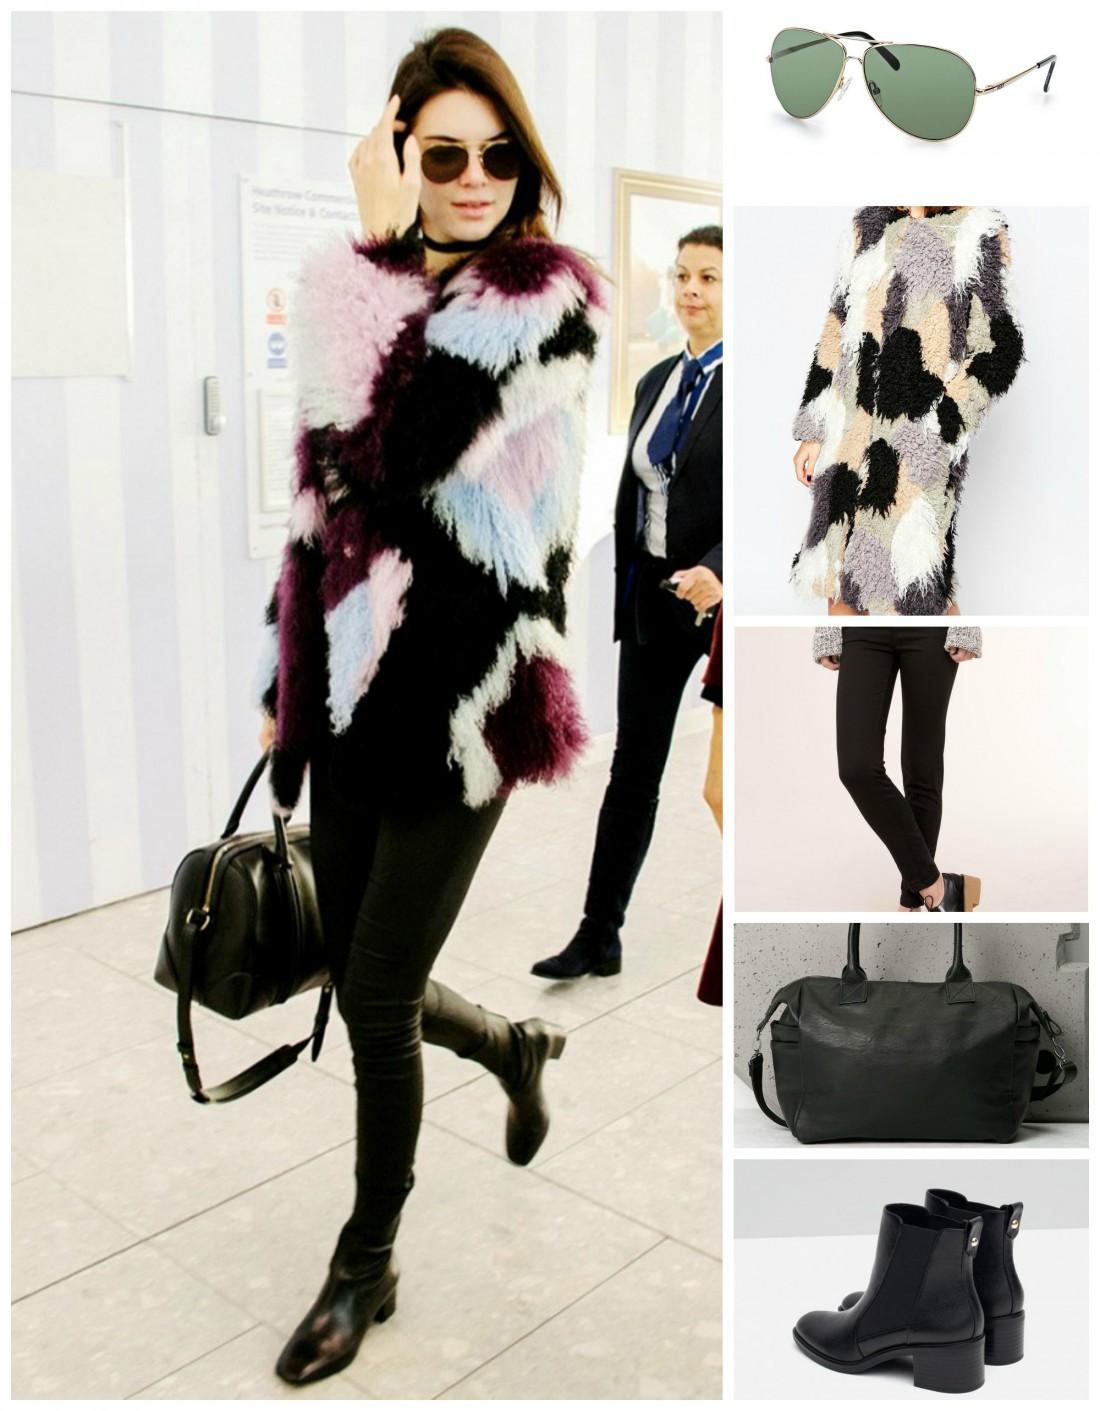 Очки Roxy (773 грн.), шуба Asos (180 $), брюки Pull & Bear (599 грн.), сумка Bershka (899 грн.), ботинки Zara (999 грн.)